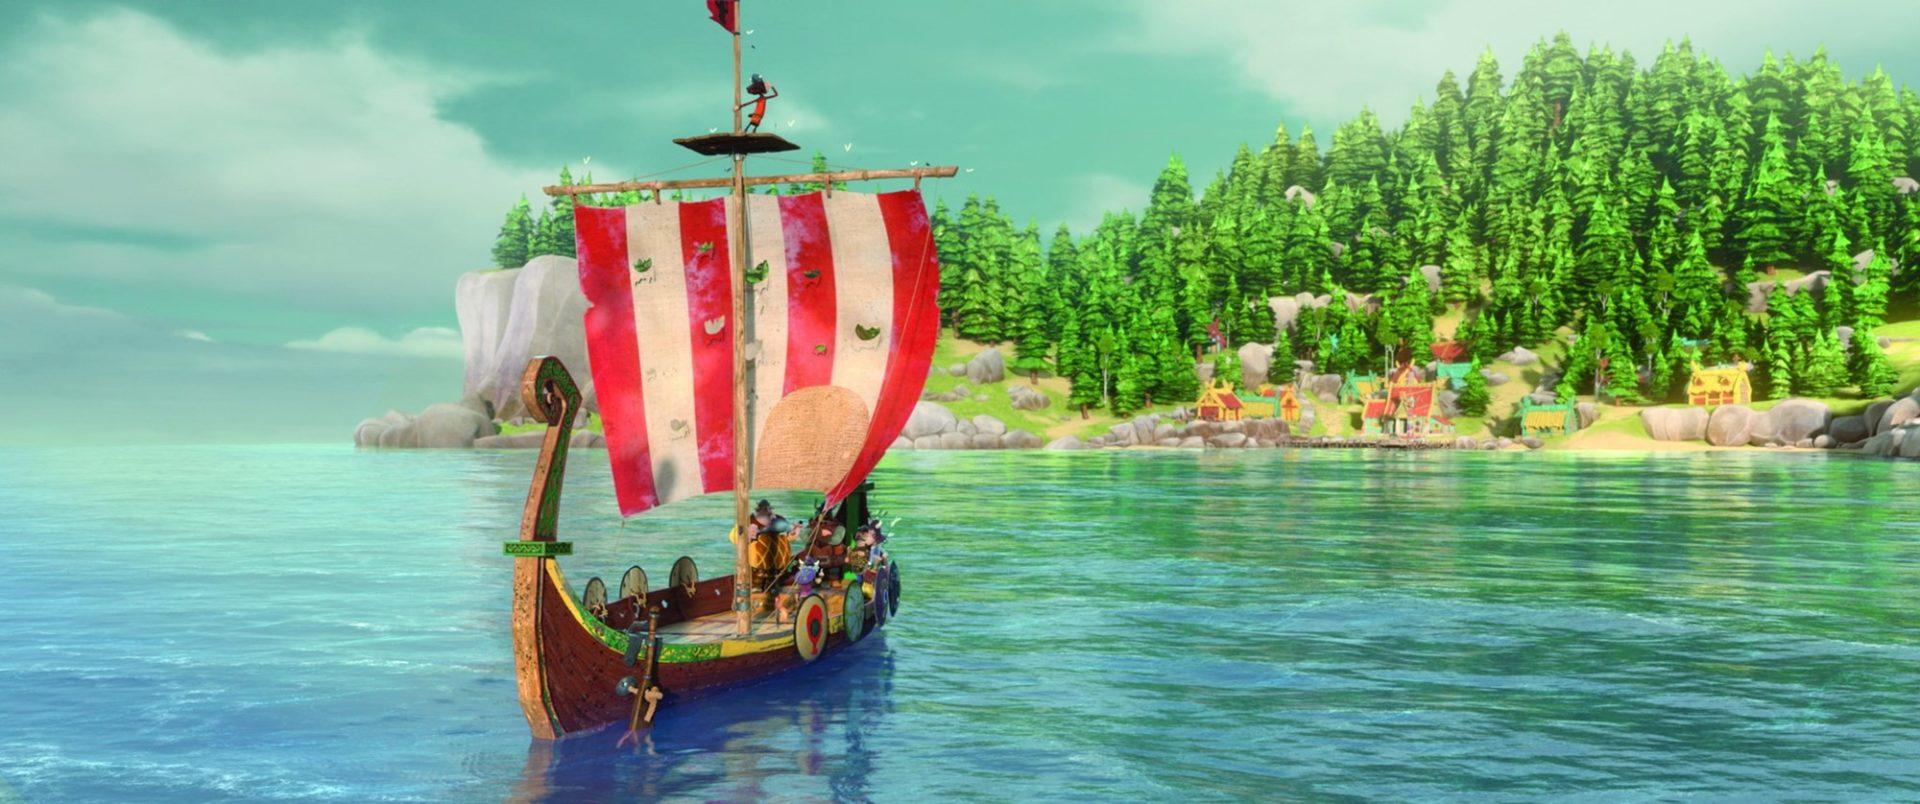 《北海小英雄》再現5、6年級生的兒時回憶 主人翁小威「摸摸鼻子」再次解決海上危難